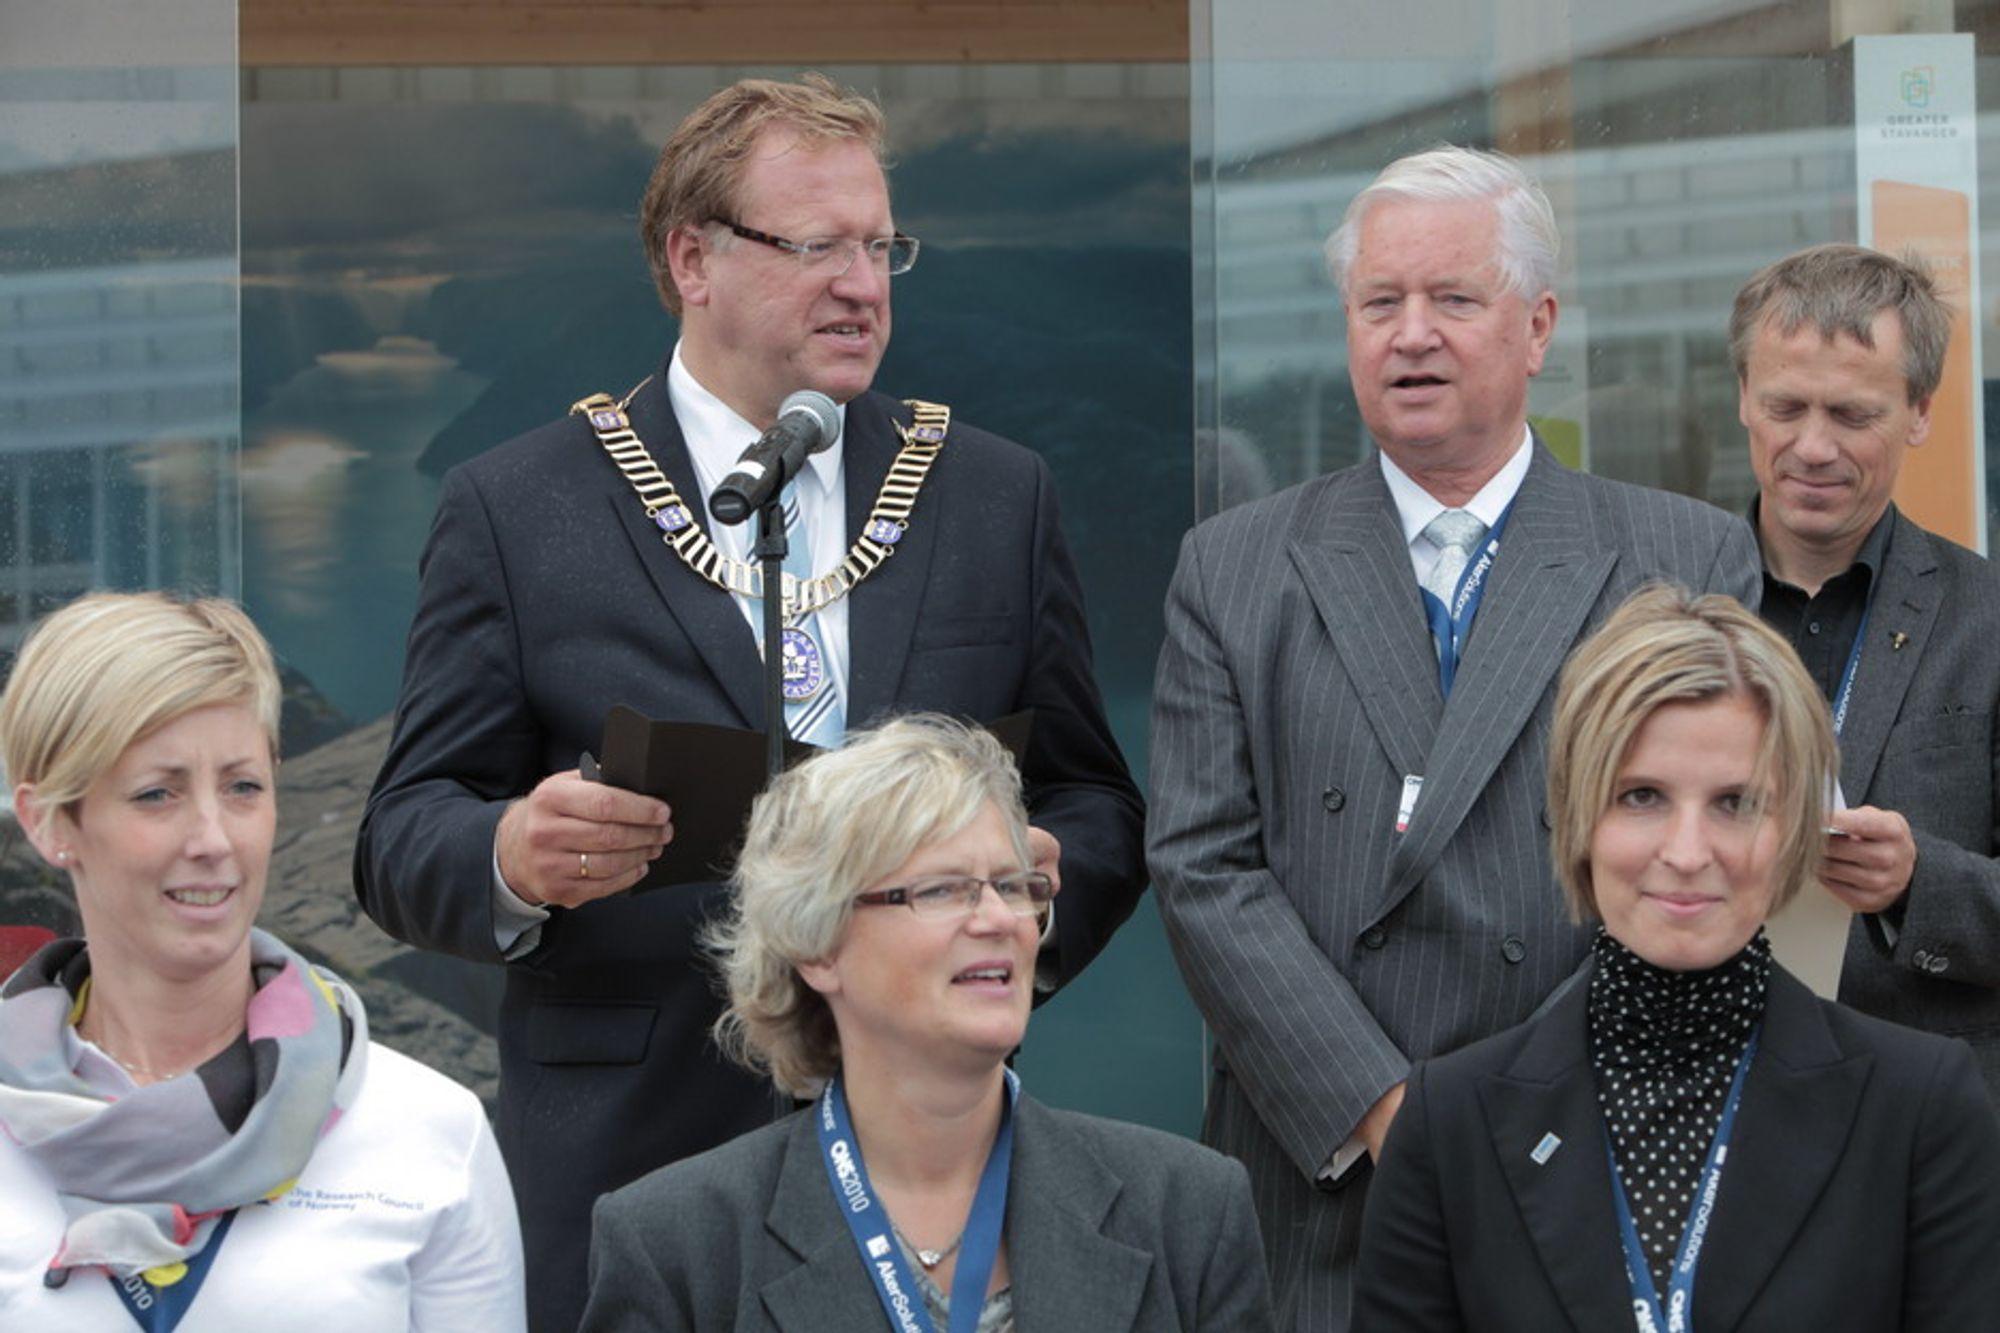 NY OG GAMMEL: Leif Johan Sevland med ordførerkjedet overtar som direktør for ONS etter Kjell Ursin-Smith våren 2012.